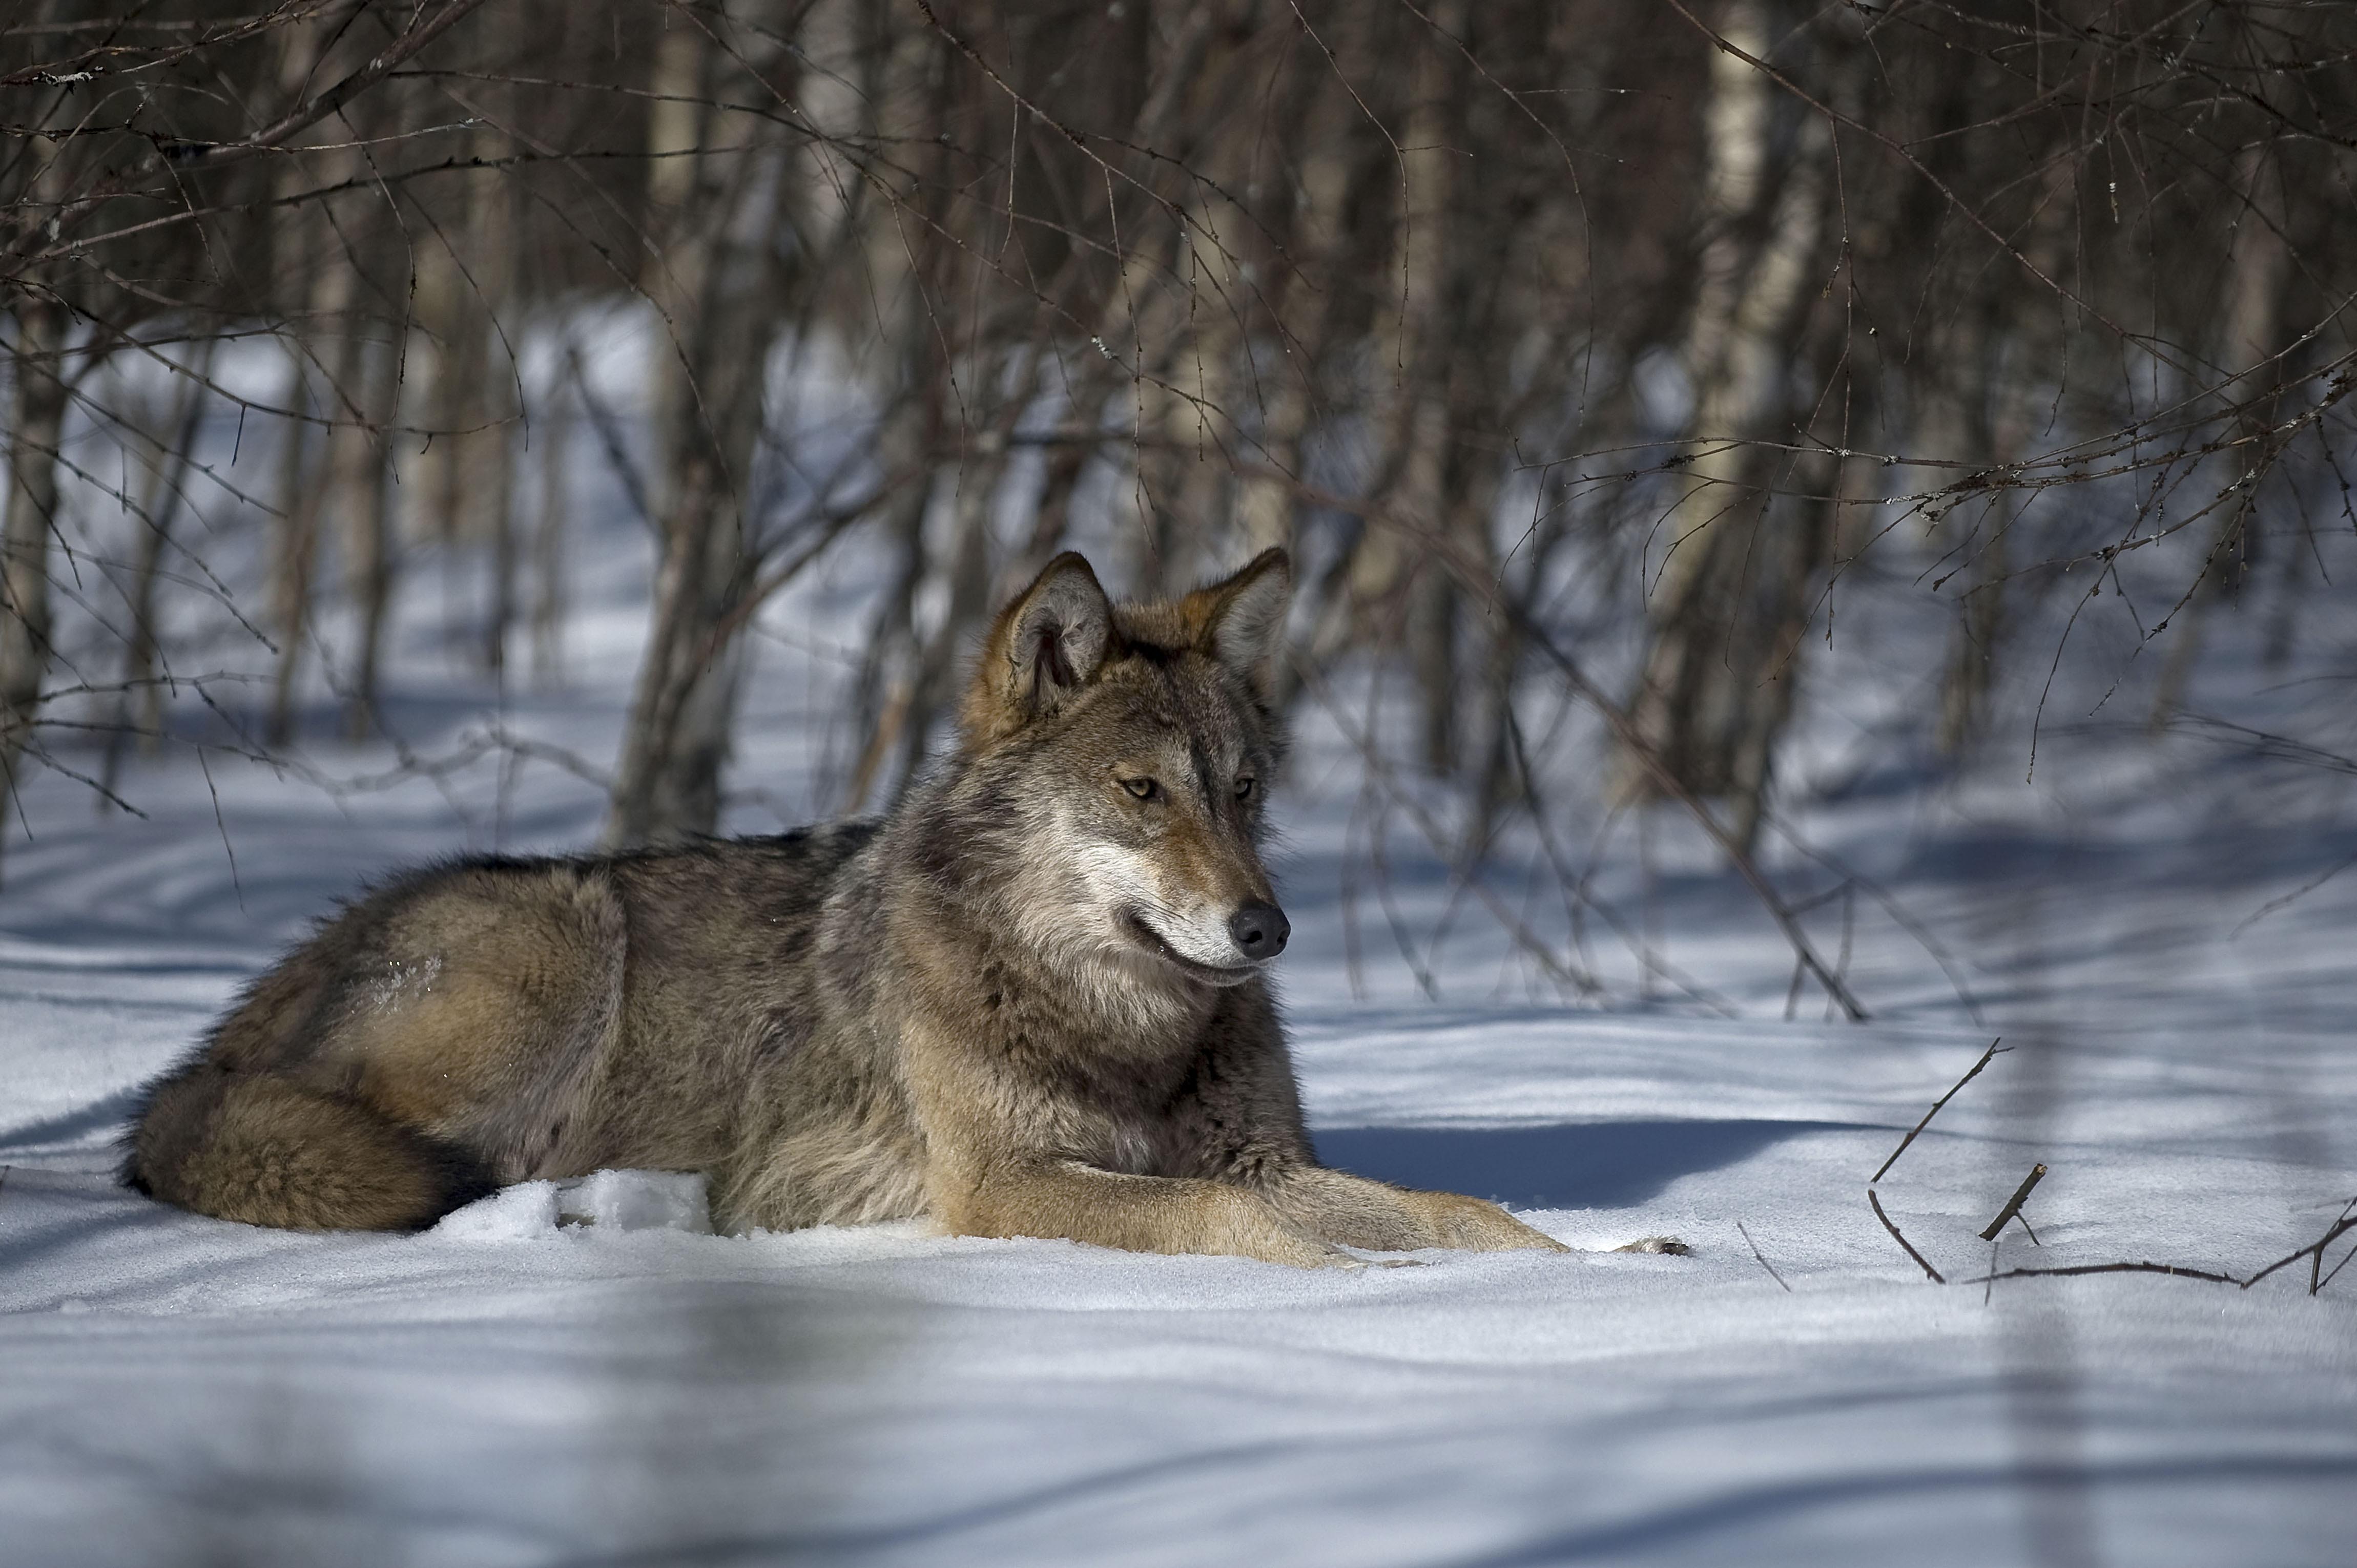 Media e agricoltori dichiarano guerra al lupo, ma è solo un capro espiatorio